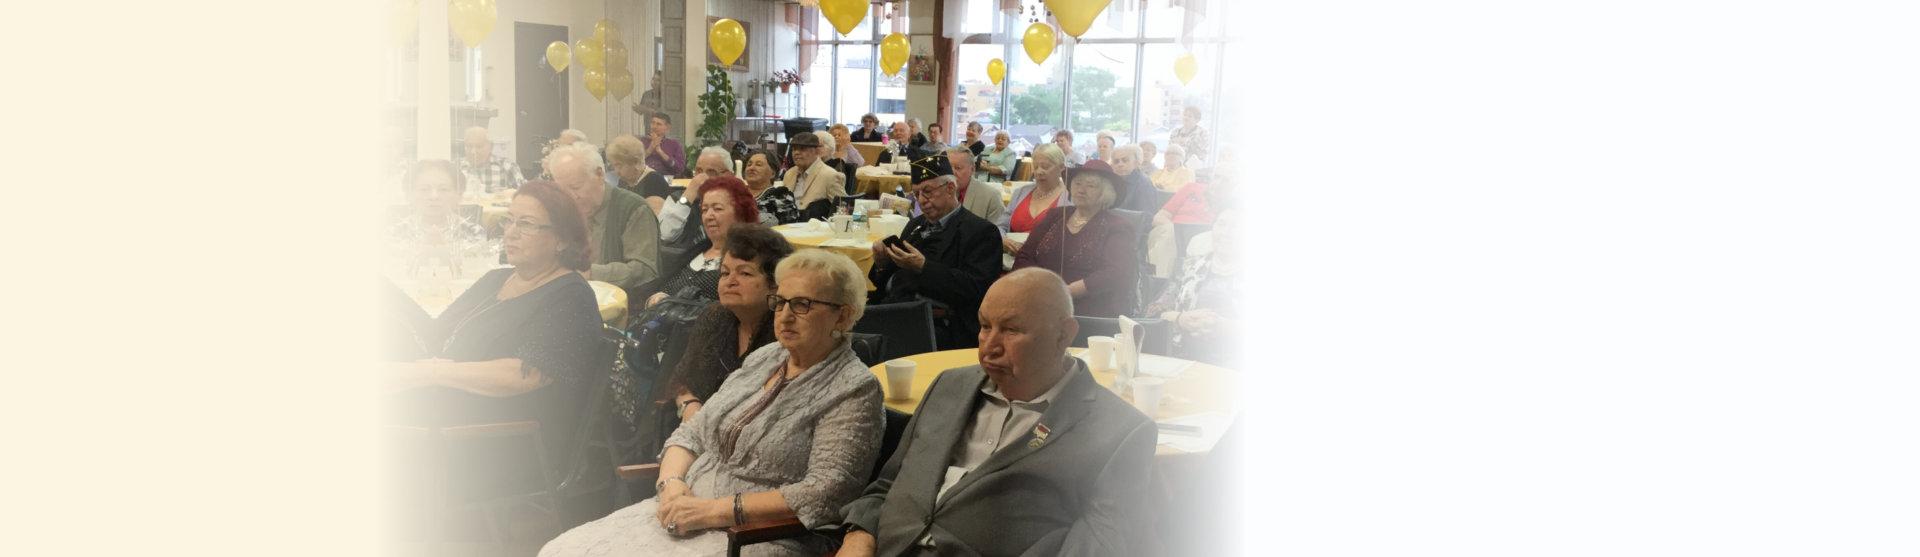 elderlies attending an occasion